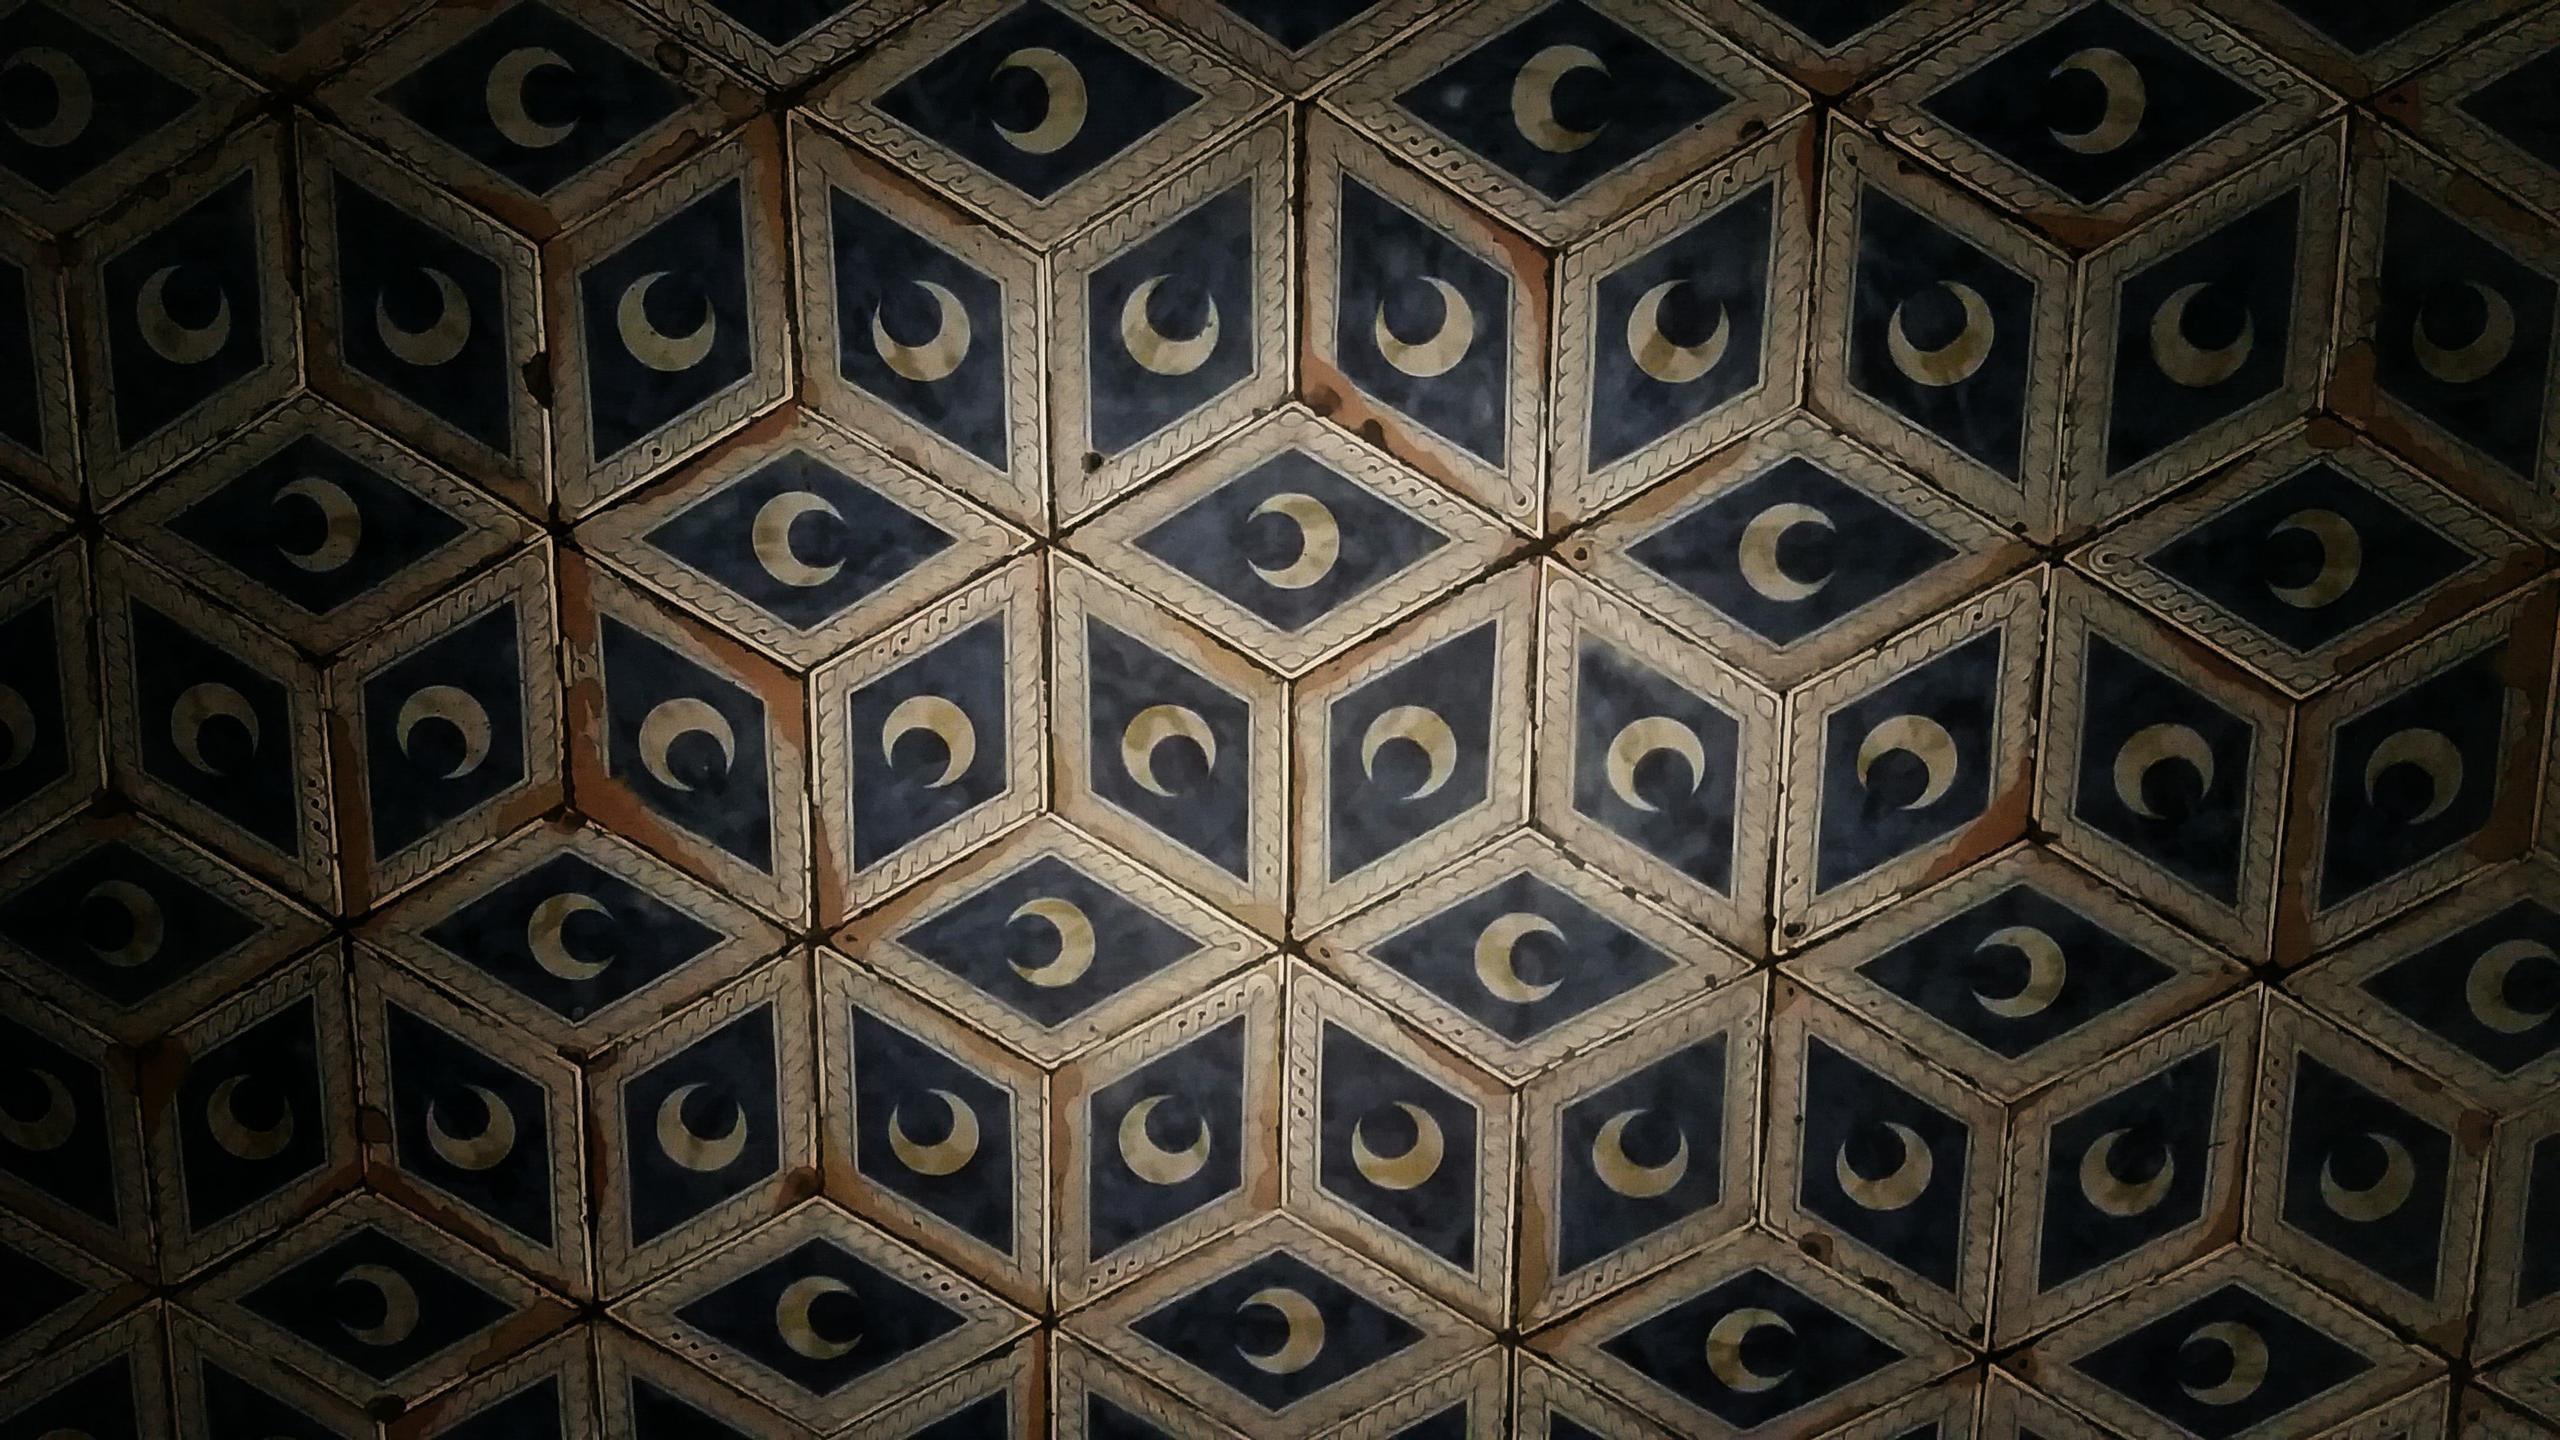 wallpaper symmetry moon pattern